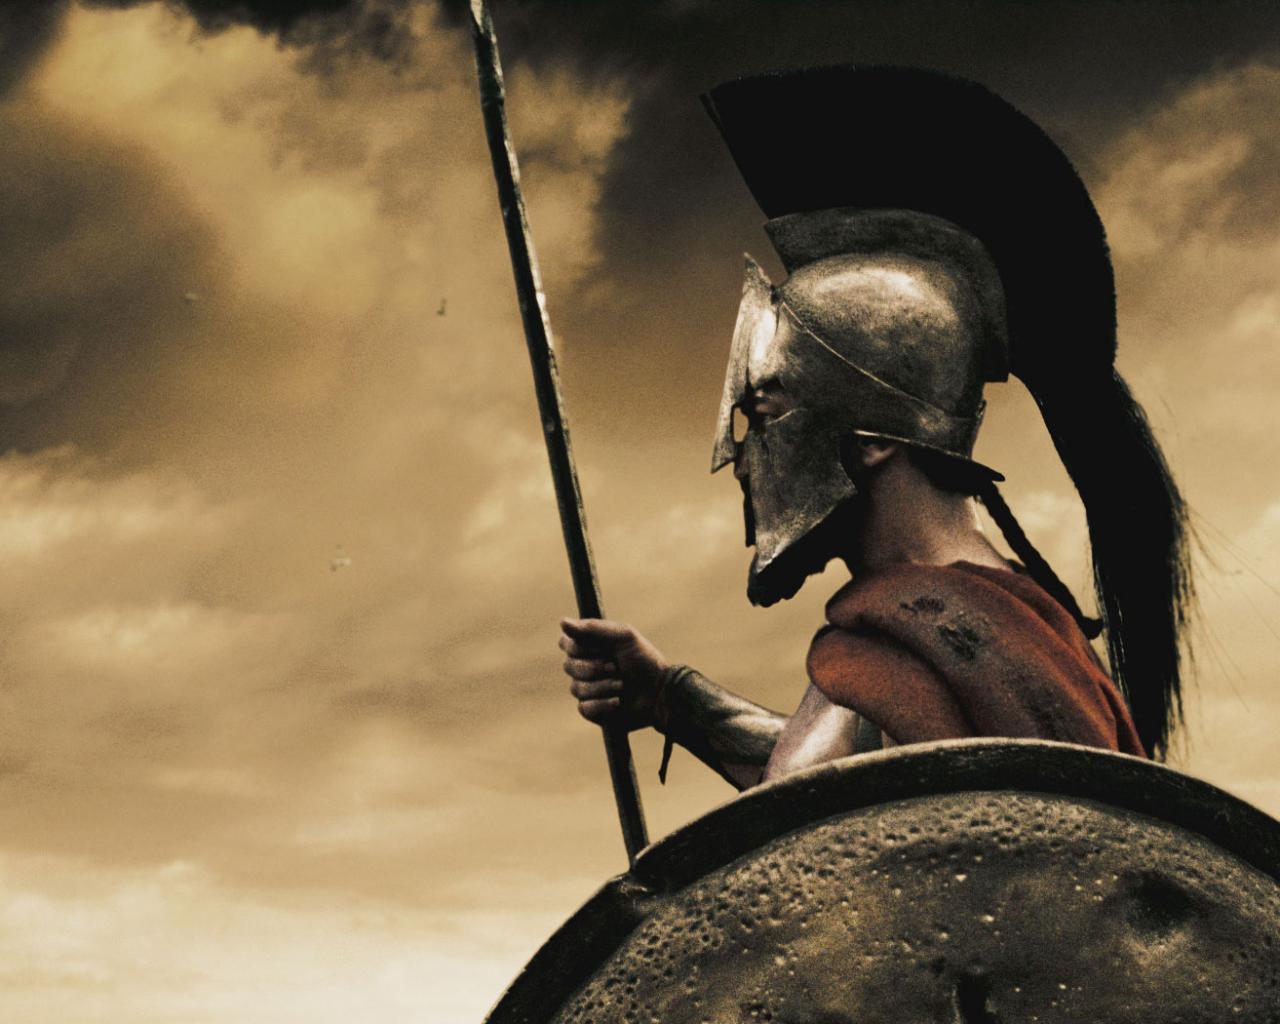 300 спартанцев, Леонид, Джерард Батлер, царь обои для рабочего ...